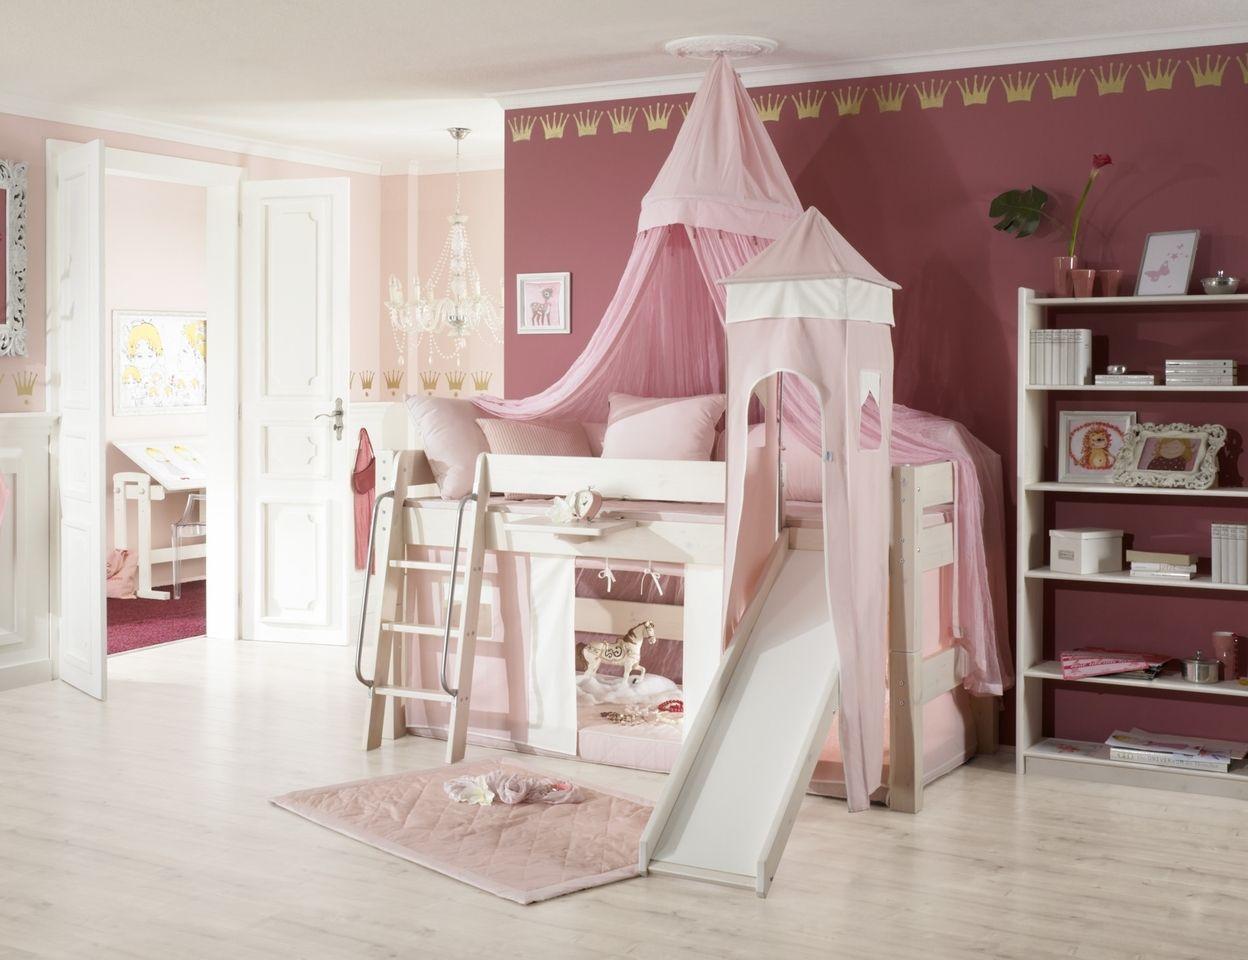 Etagenbett Für Kleinkind Und Baby : Etagenbett kleinkind paidi fiona 120 cm kreideweiß